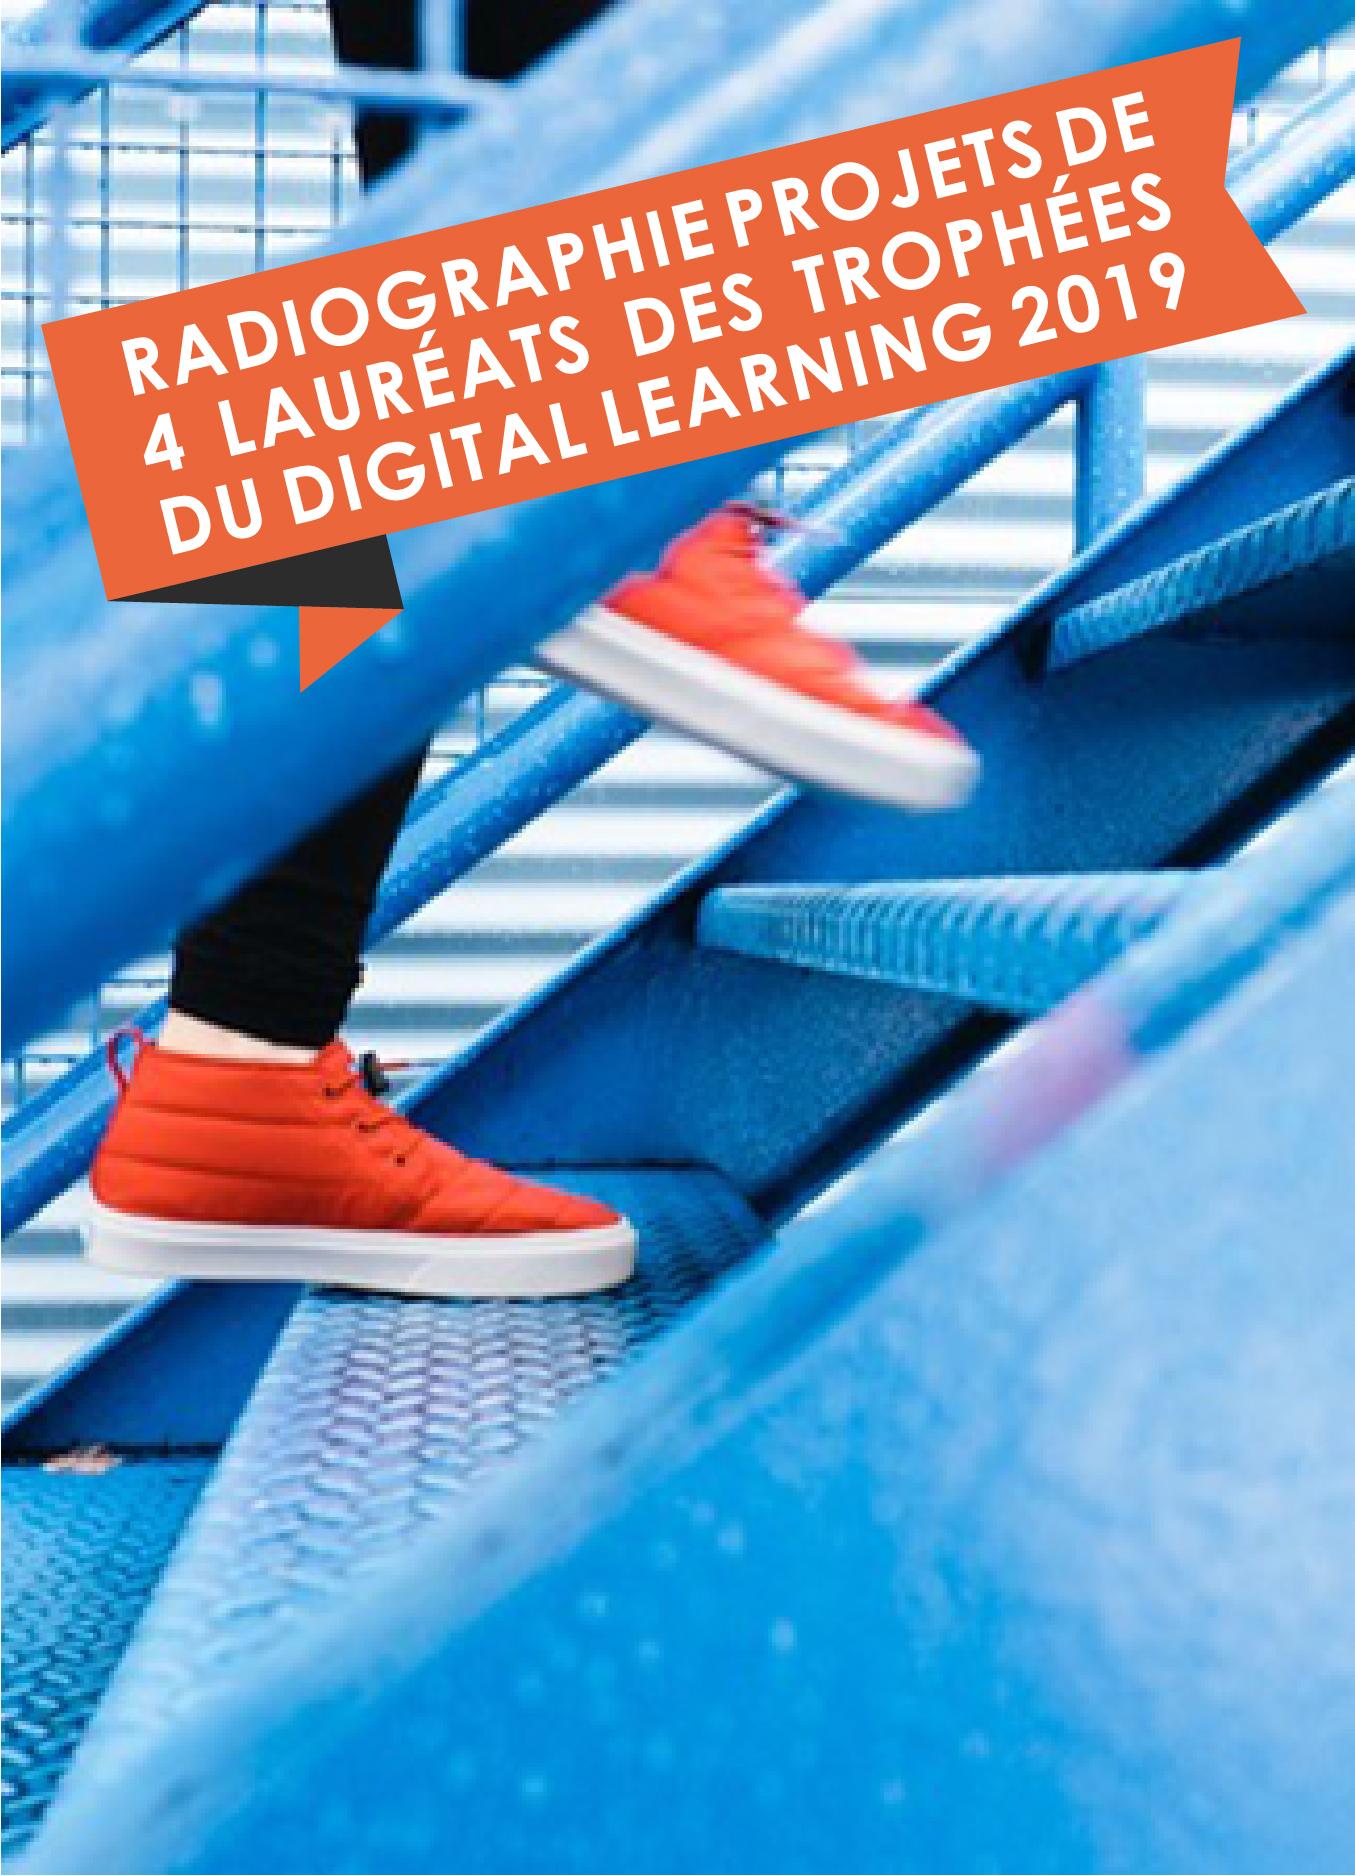 Radiographie Projets de 4 Lauréats des Trophées du Digital Learning 2019